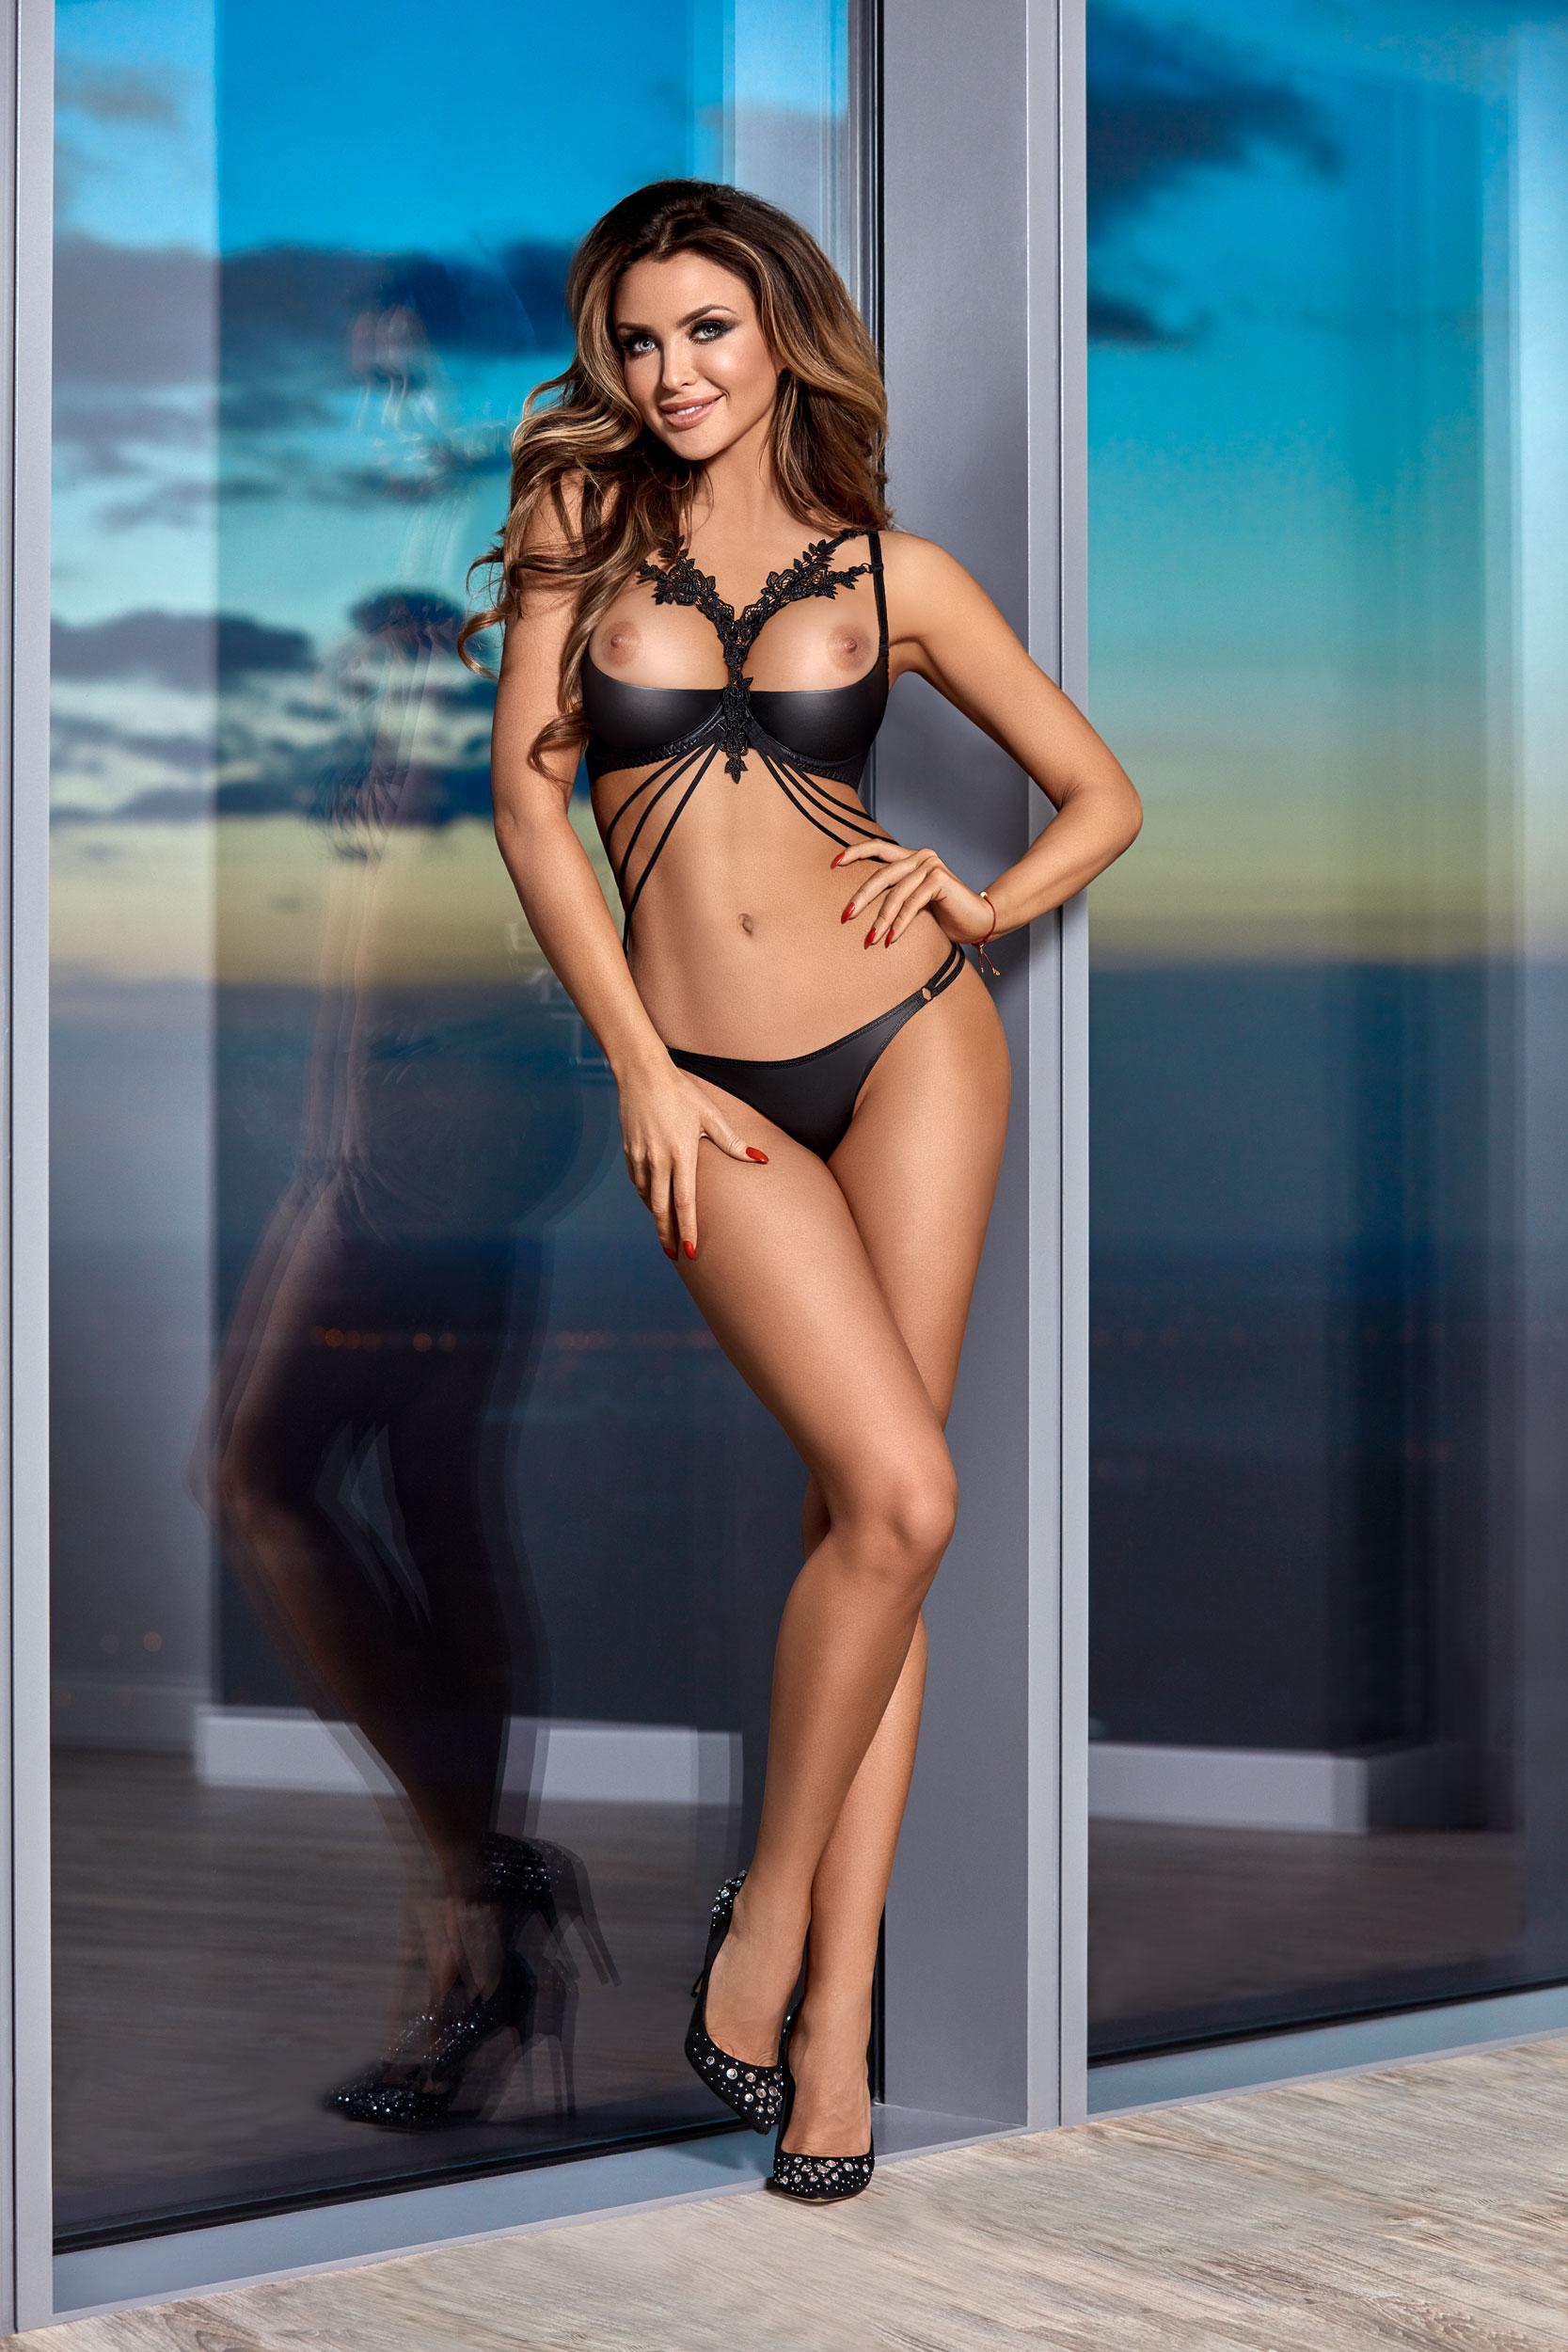 hot lingerie model - Monika